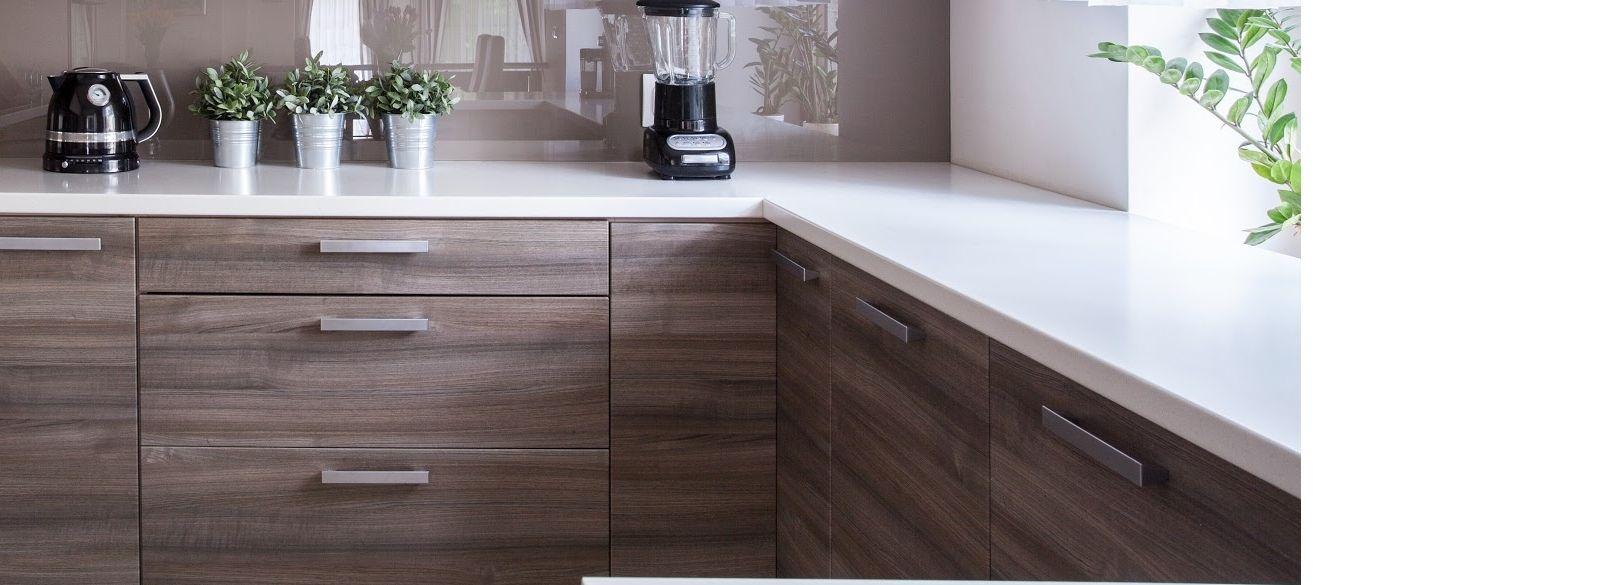 Mayoristas de muebles de cocina, baño y armarios: Servicios de Publi ...